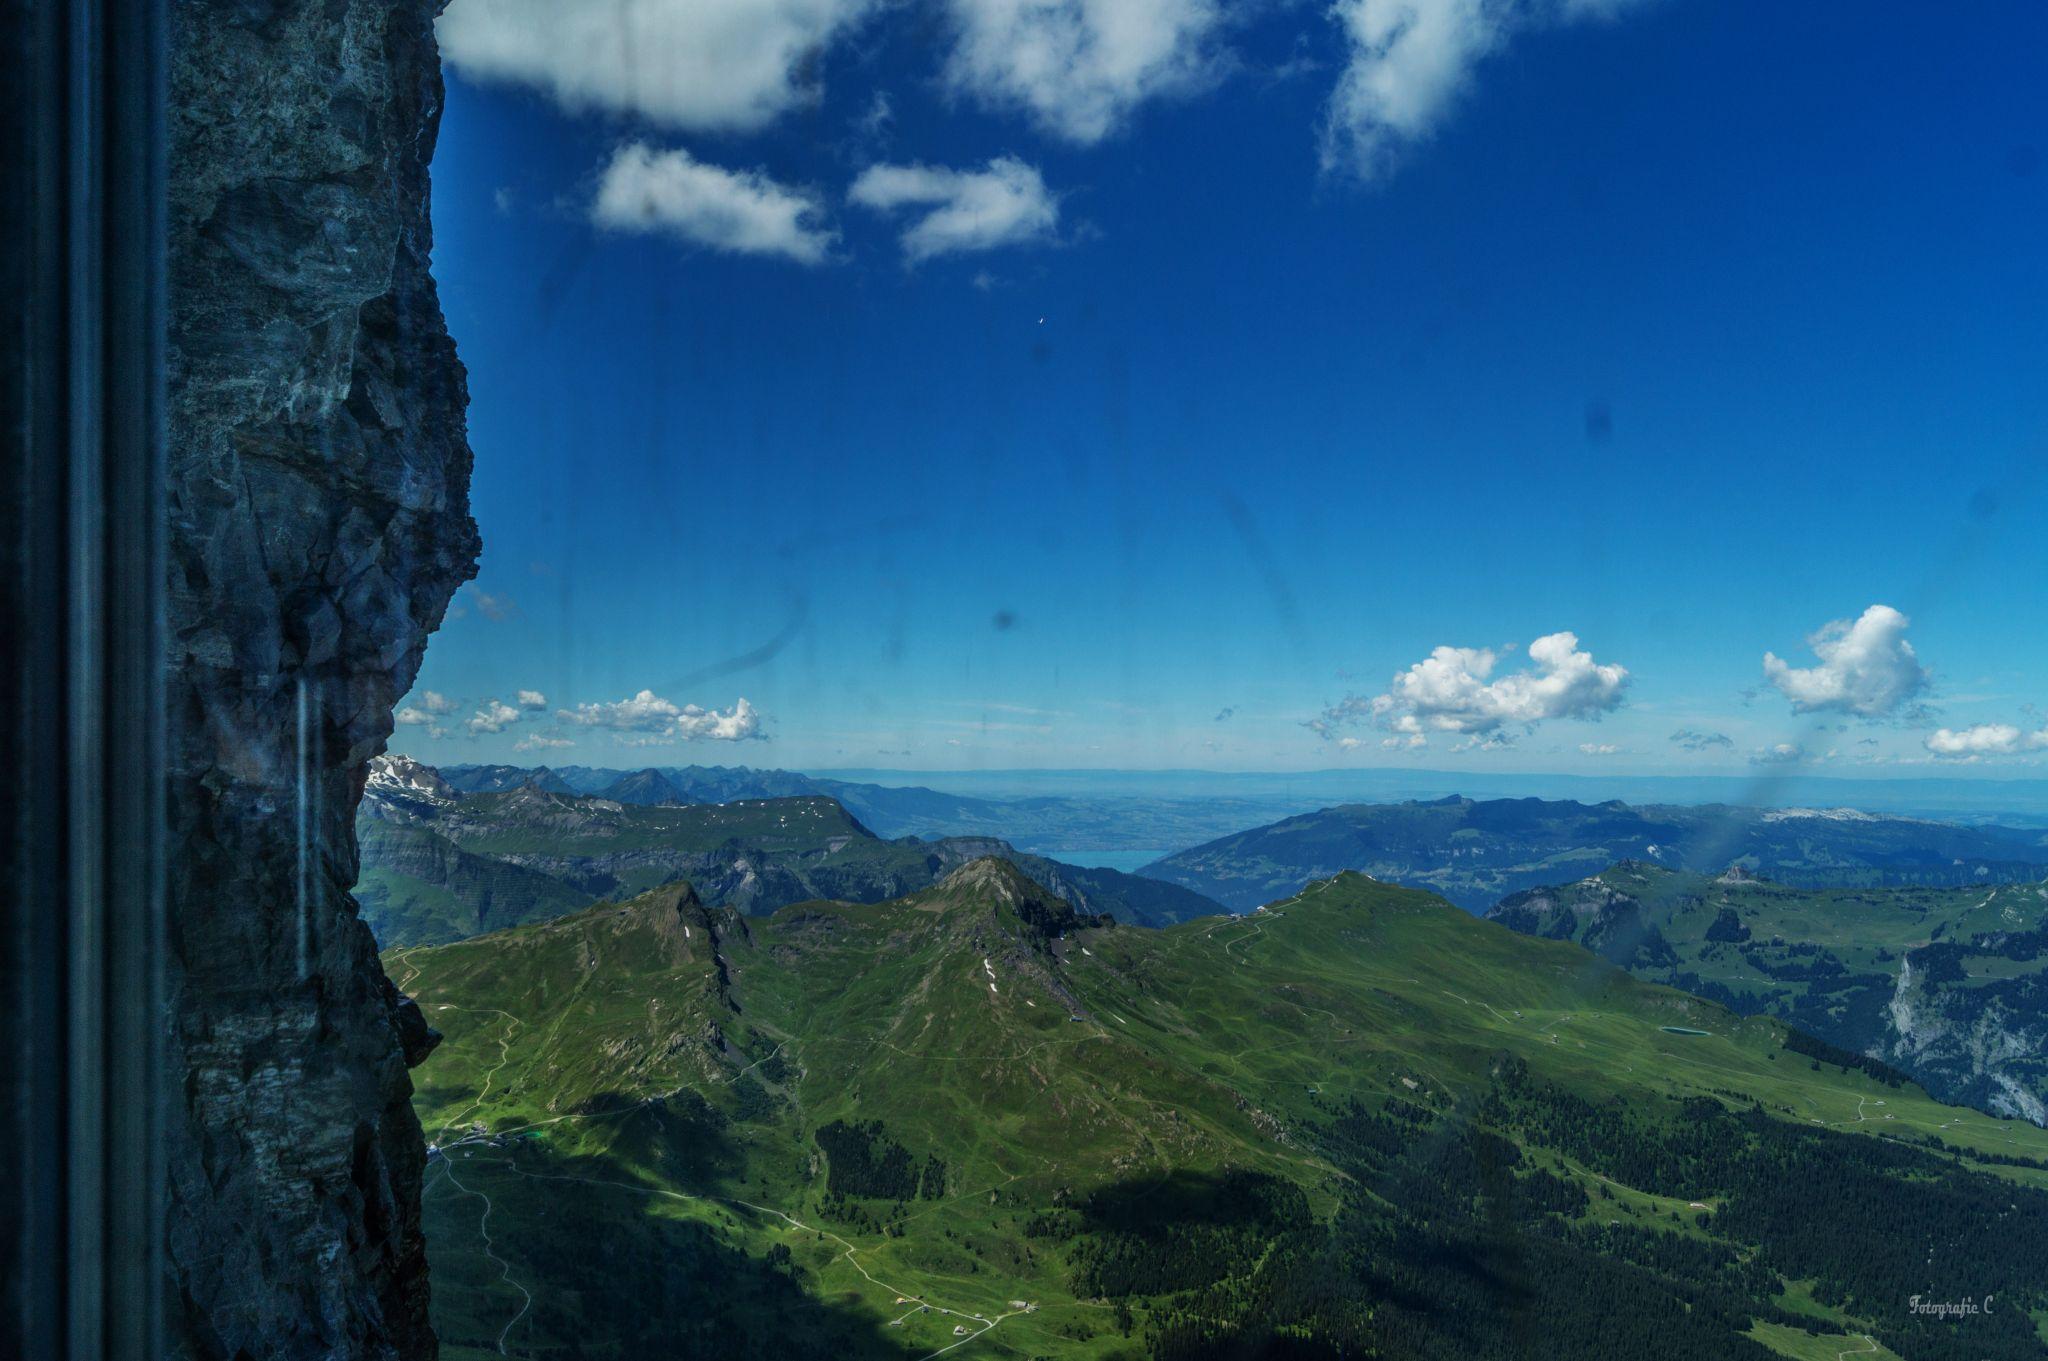 Eiger Nordwand, Switzerland